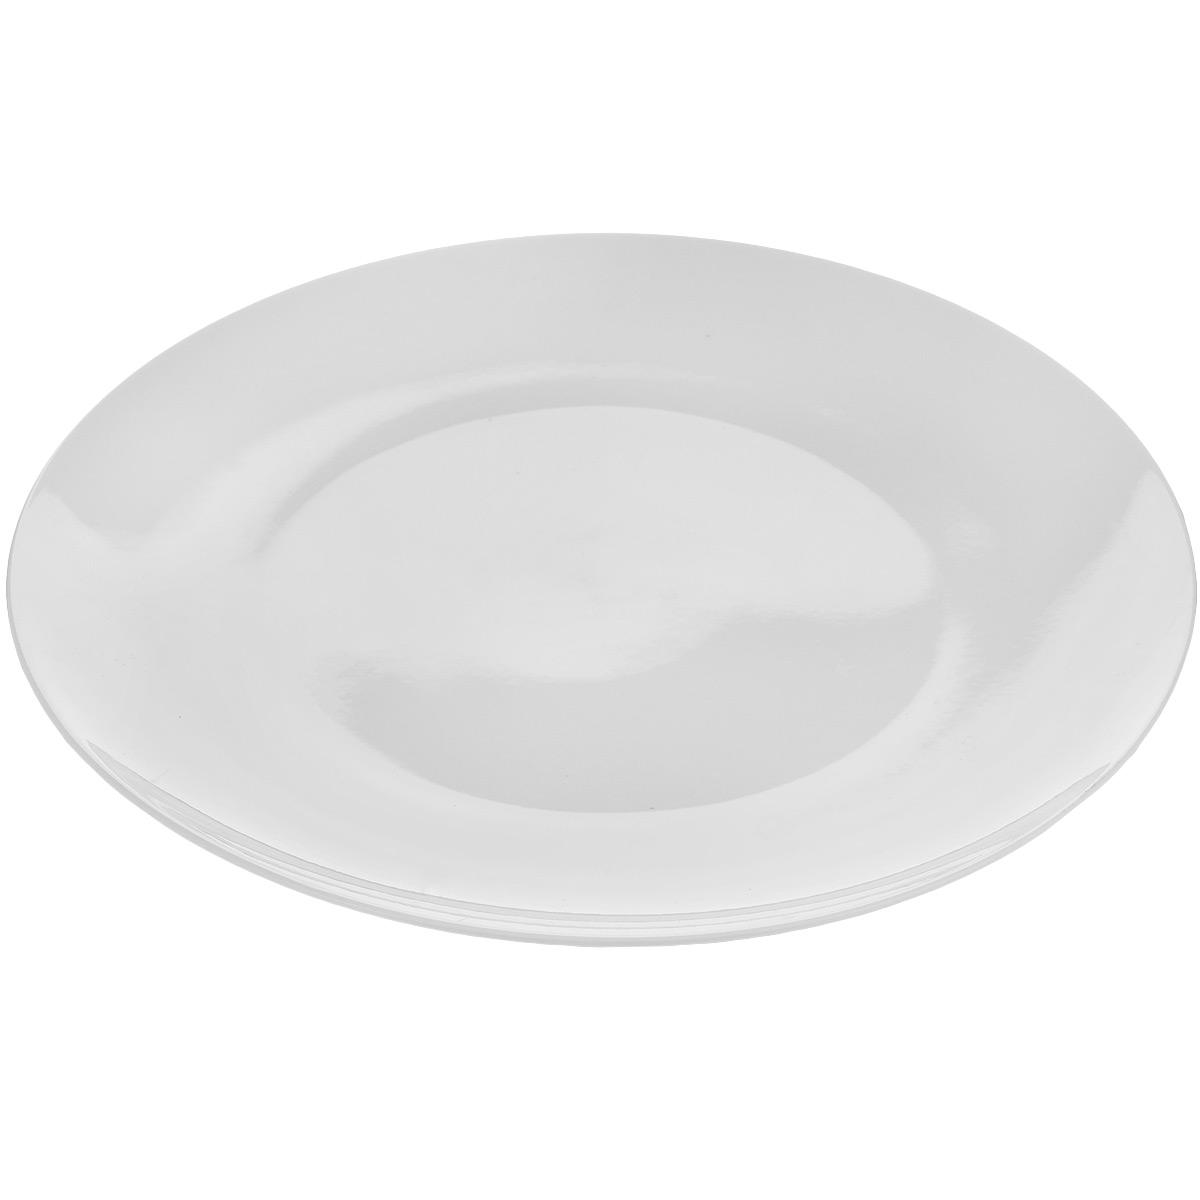 Тарелка Tescoma Crema, диаметр 27 см387024Тарелка Tescoma Crema выполнена из высококачественного фарфора однотонного цвета и прекрасно подойдет для вашей кухни. Такая тарелка изысканно украсит сервировку как обеденного, так и праздничного стола. Предназначена для подачи вторых блюд. Пригодна для использования в микроволновой печи. Можно мыть в посудомоечной машине. Диаметр: 27 см. Высота тарелки: 2,5 см.